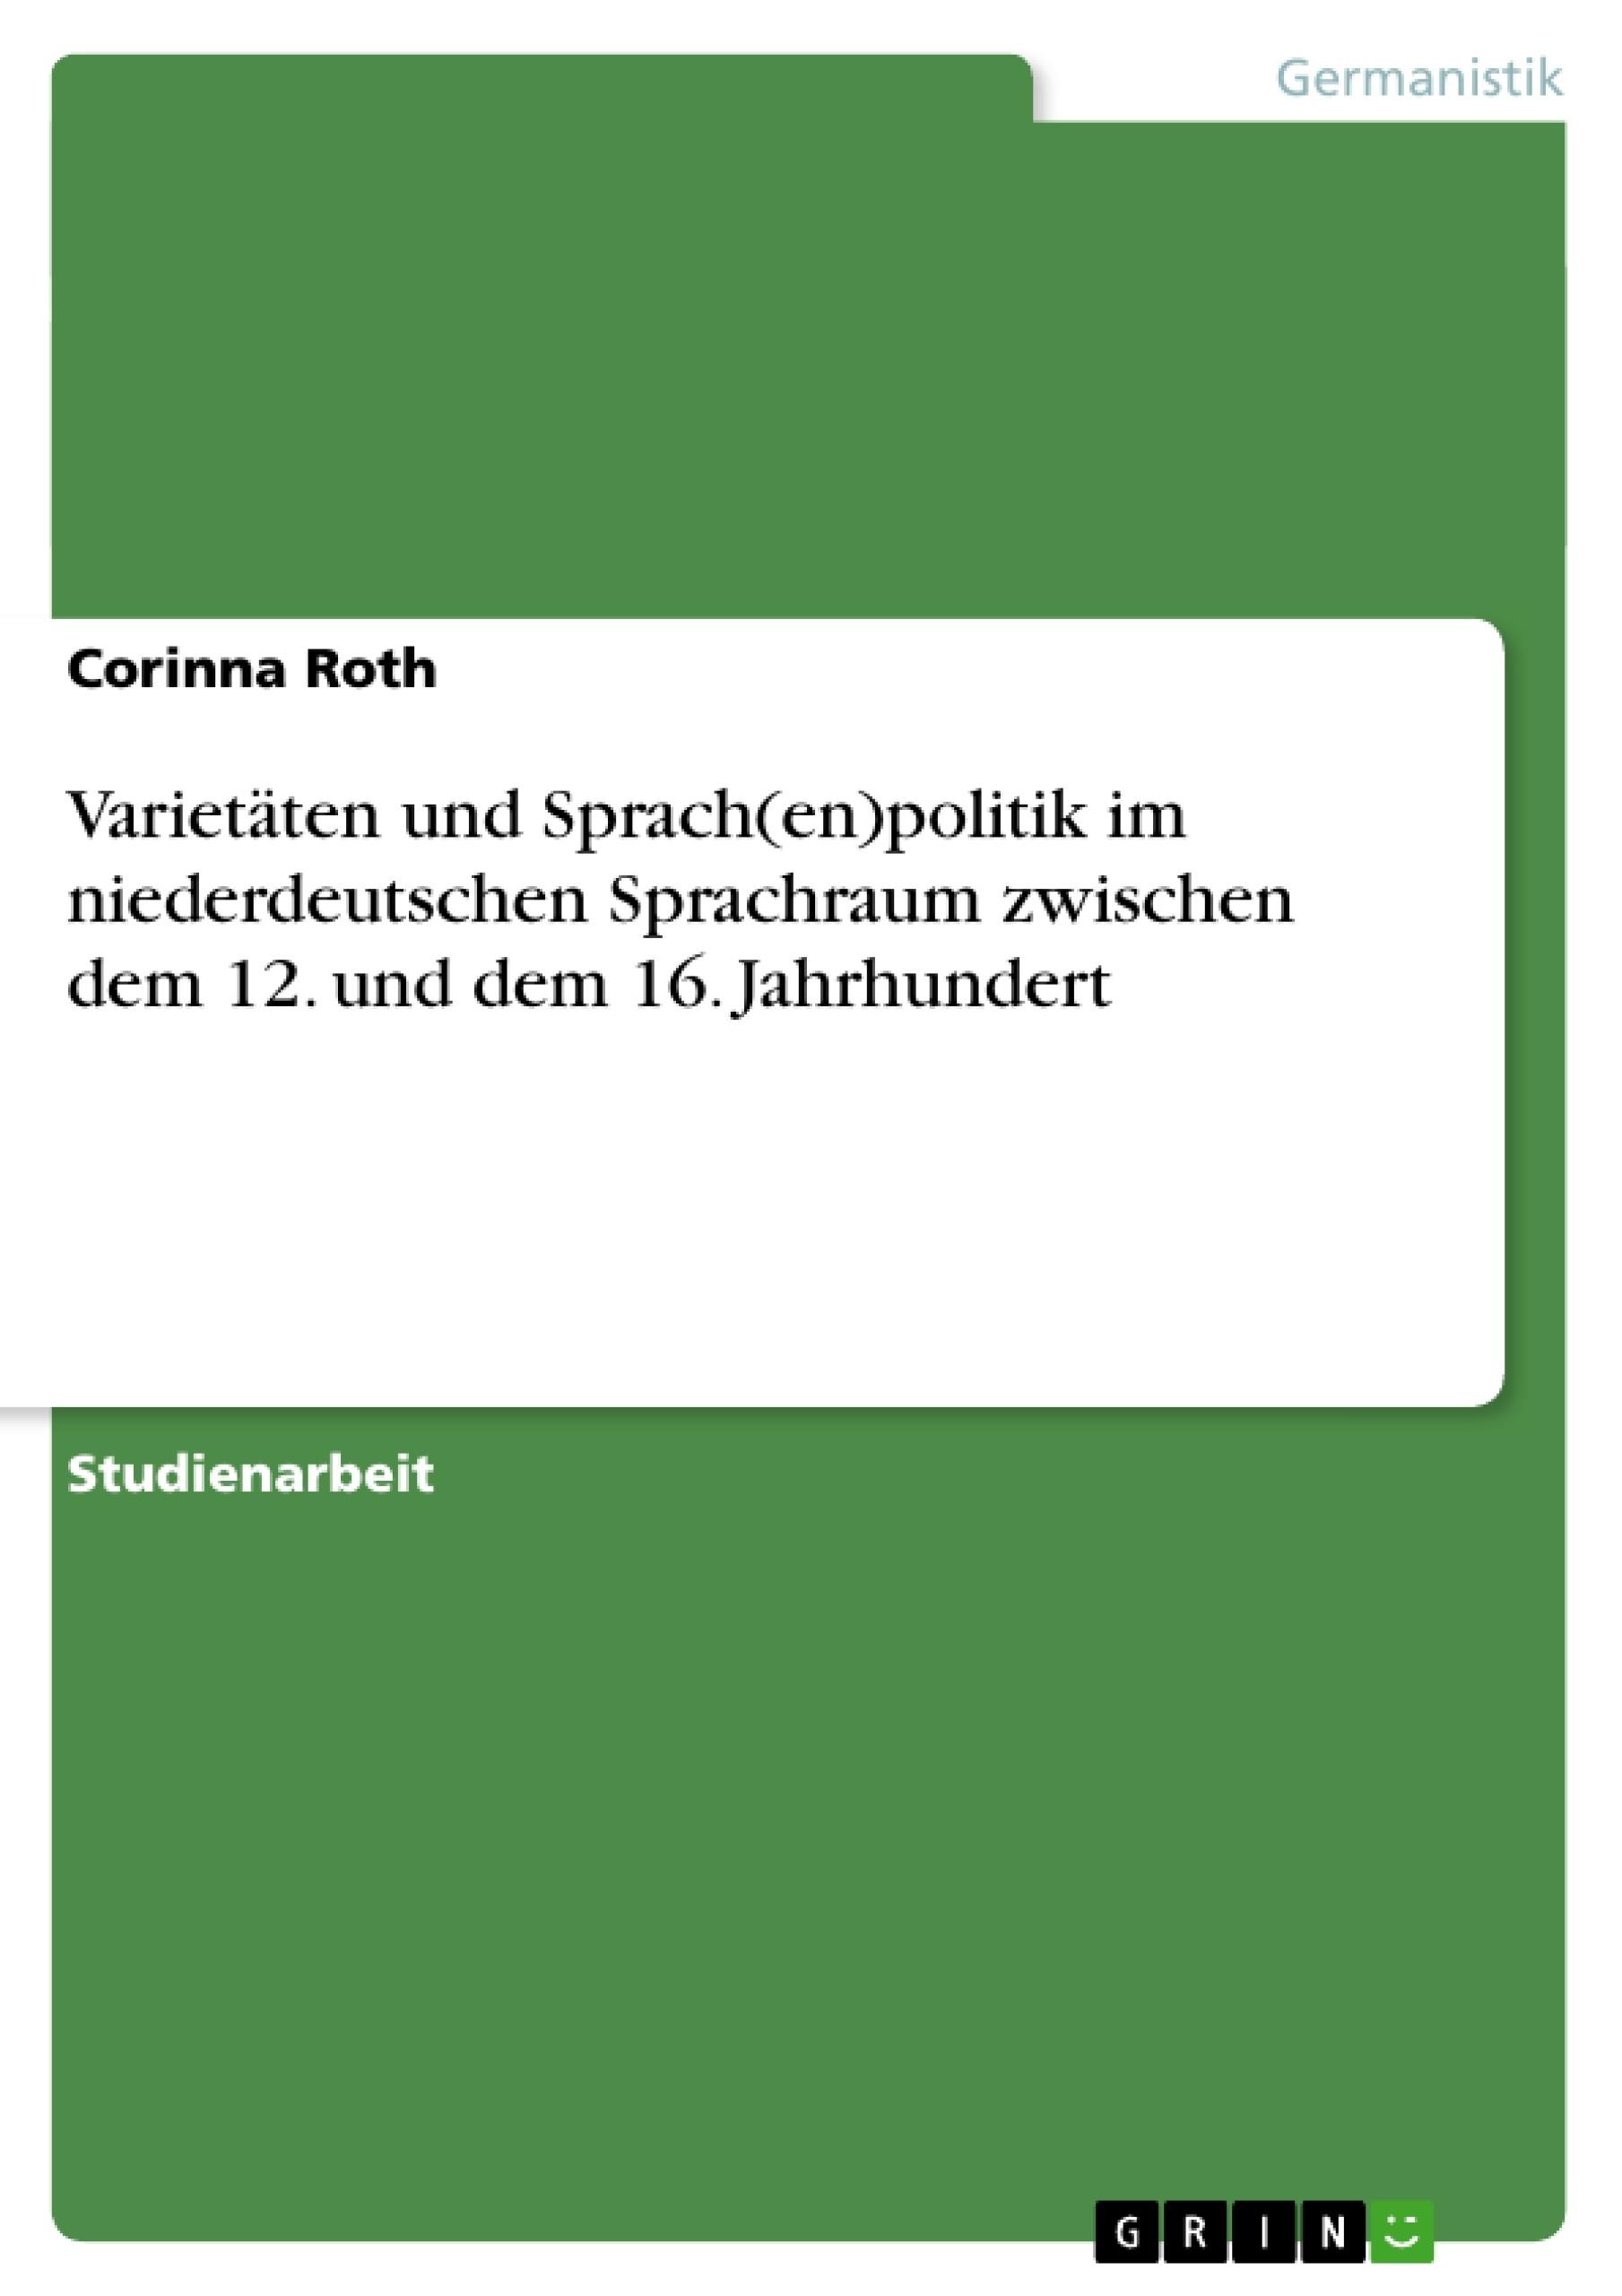 Titel: Varietäten und Sprach(en)politik im niederdeutschen Sprachraum zwischen dem 12. und dem 16. Jahrhundert